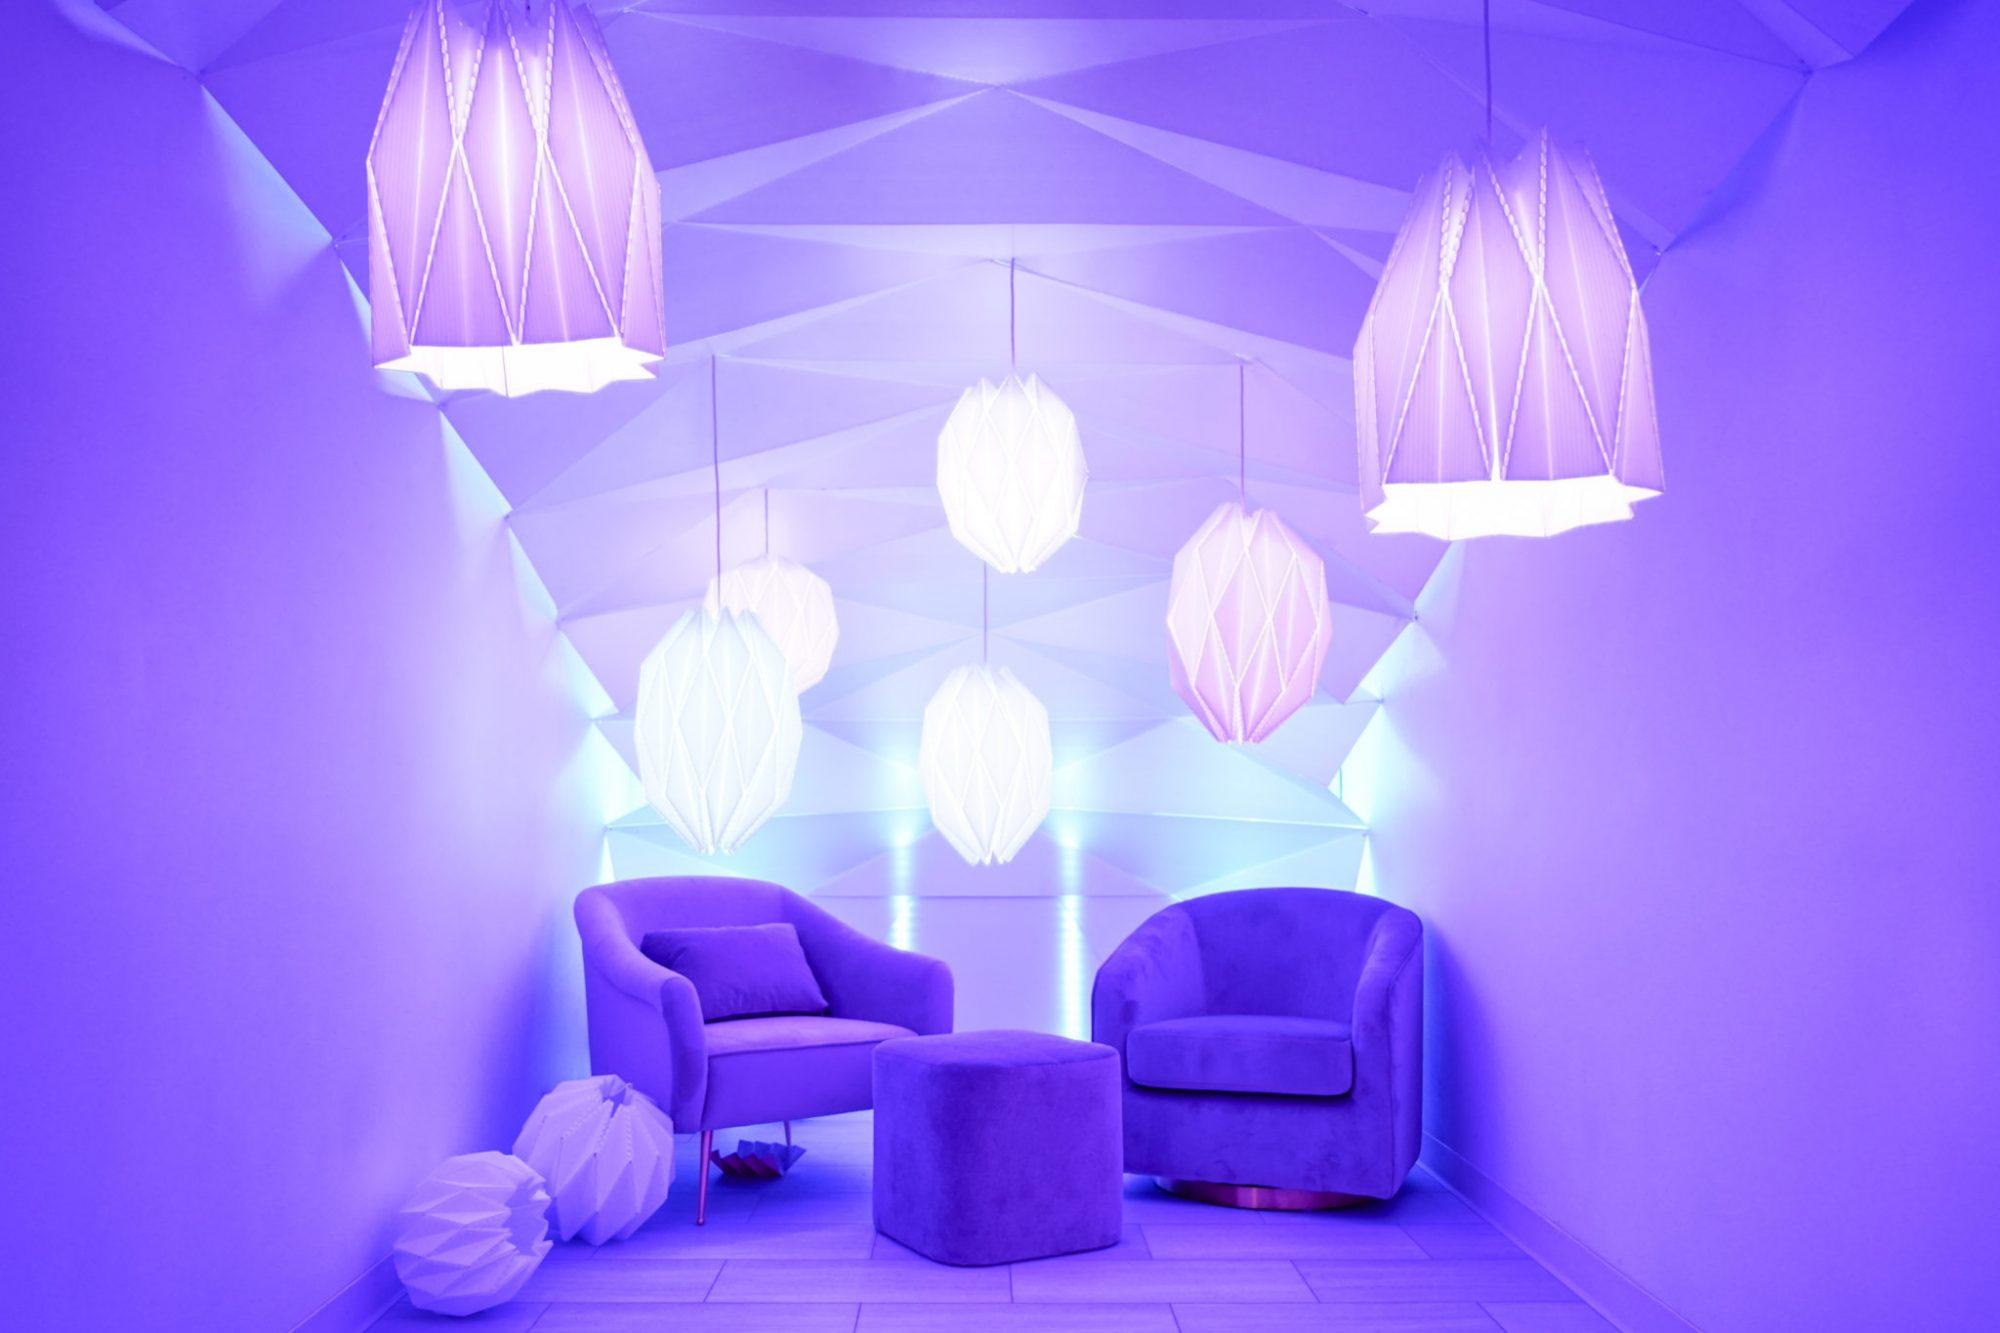 MR_PurpleRoom_002